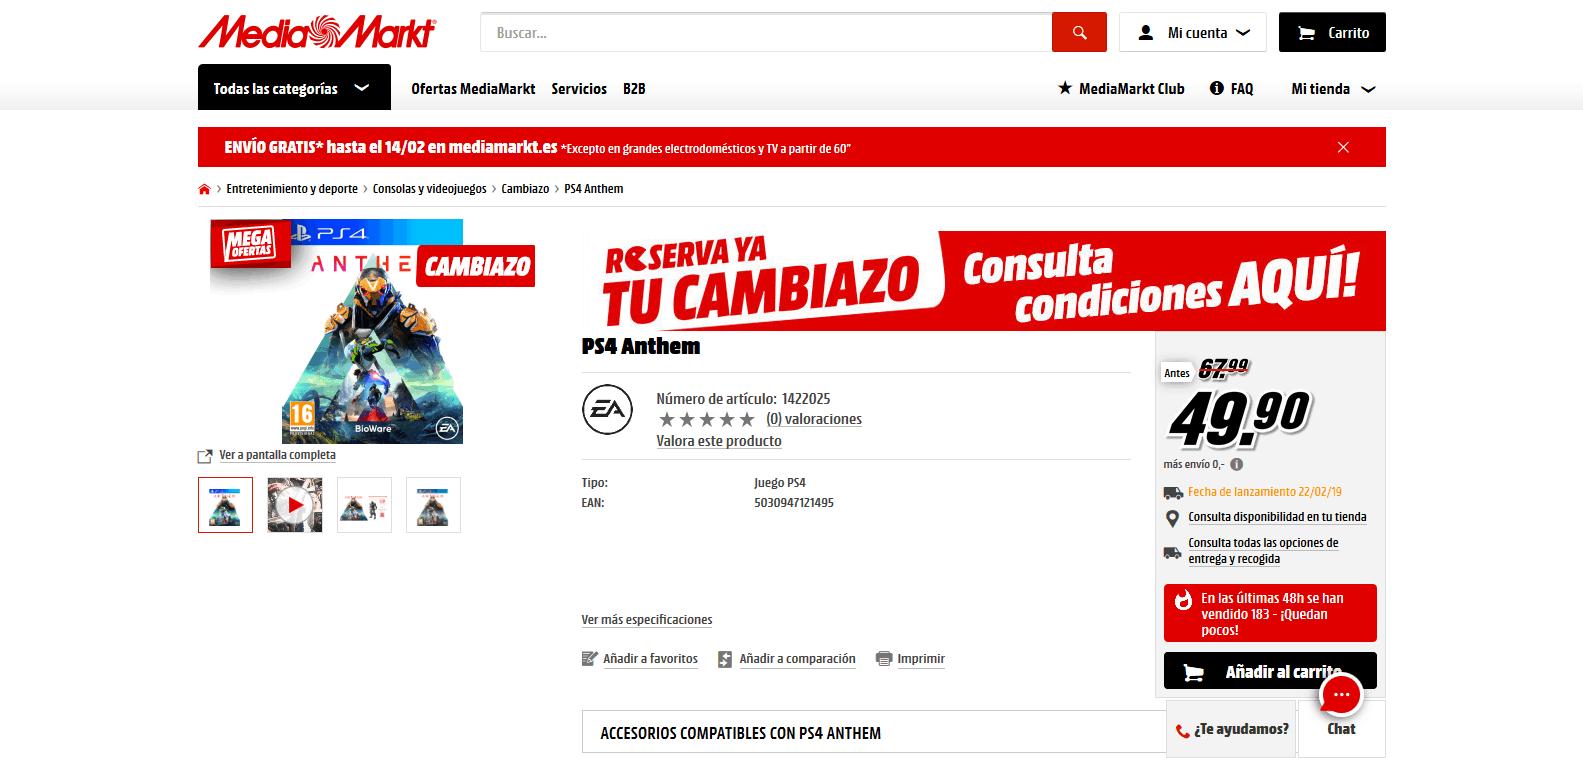 Cambiazo Media Markt para Anthem por 49.90€